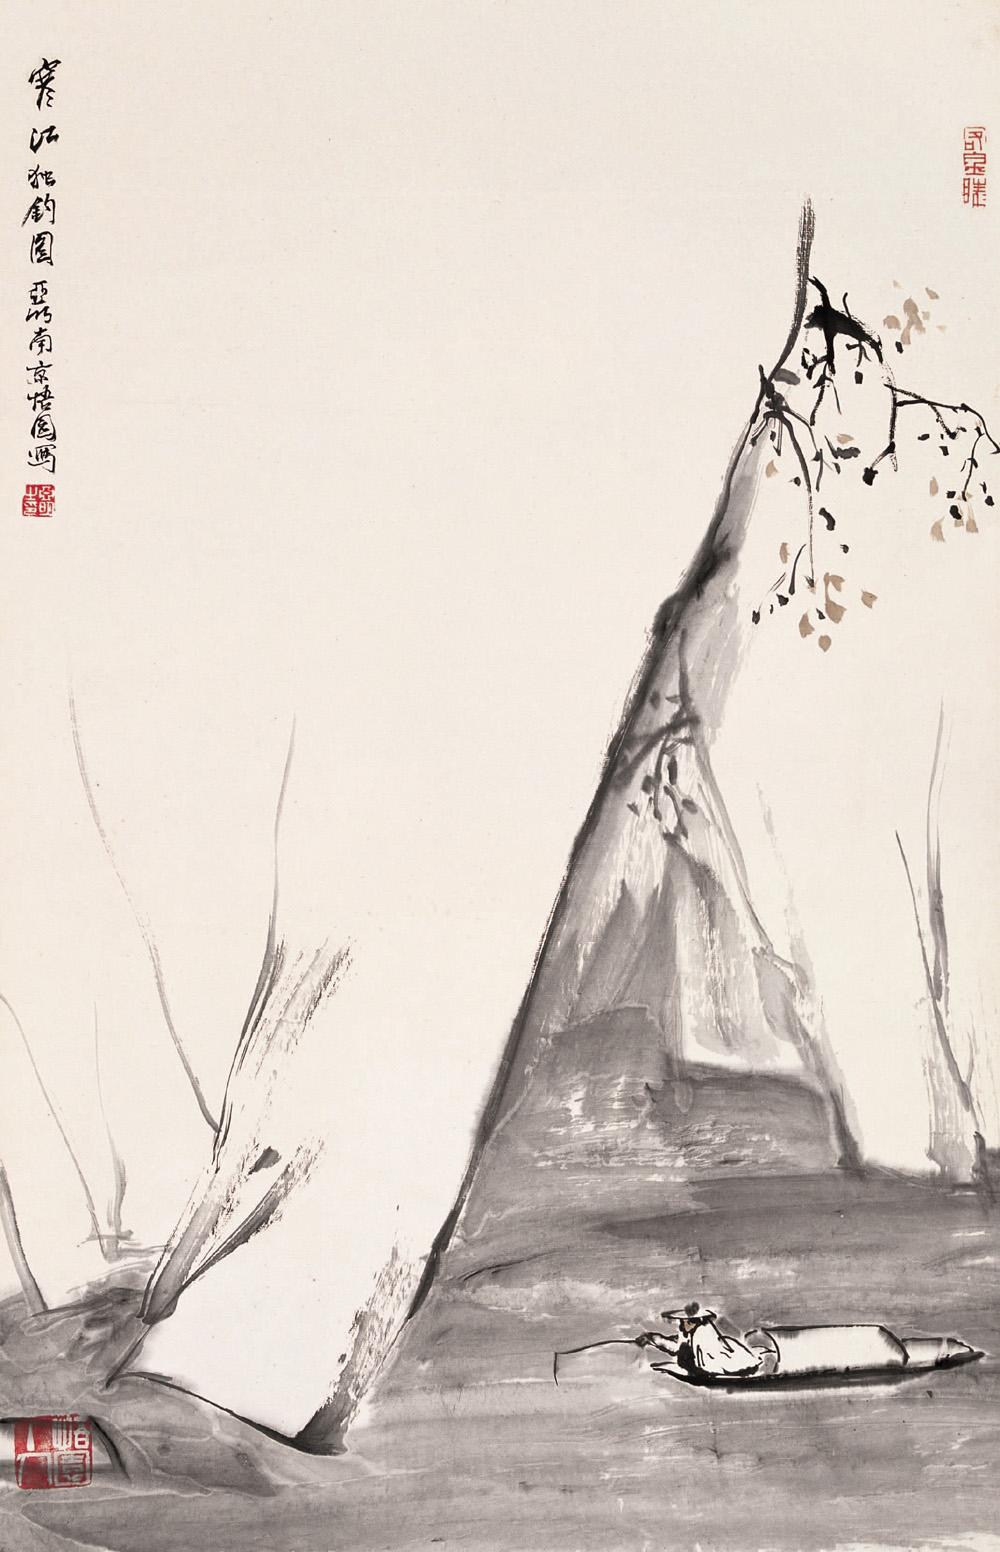 孤舟和山水墨画